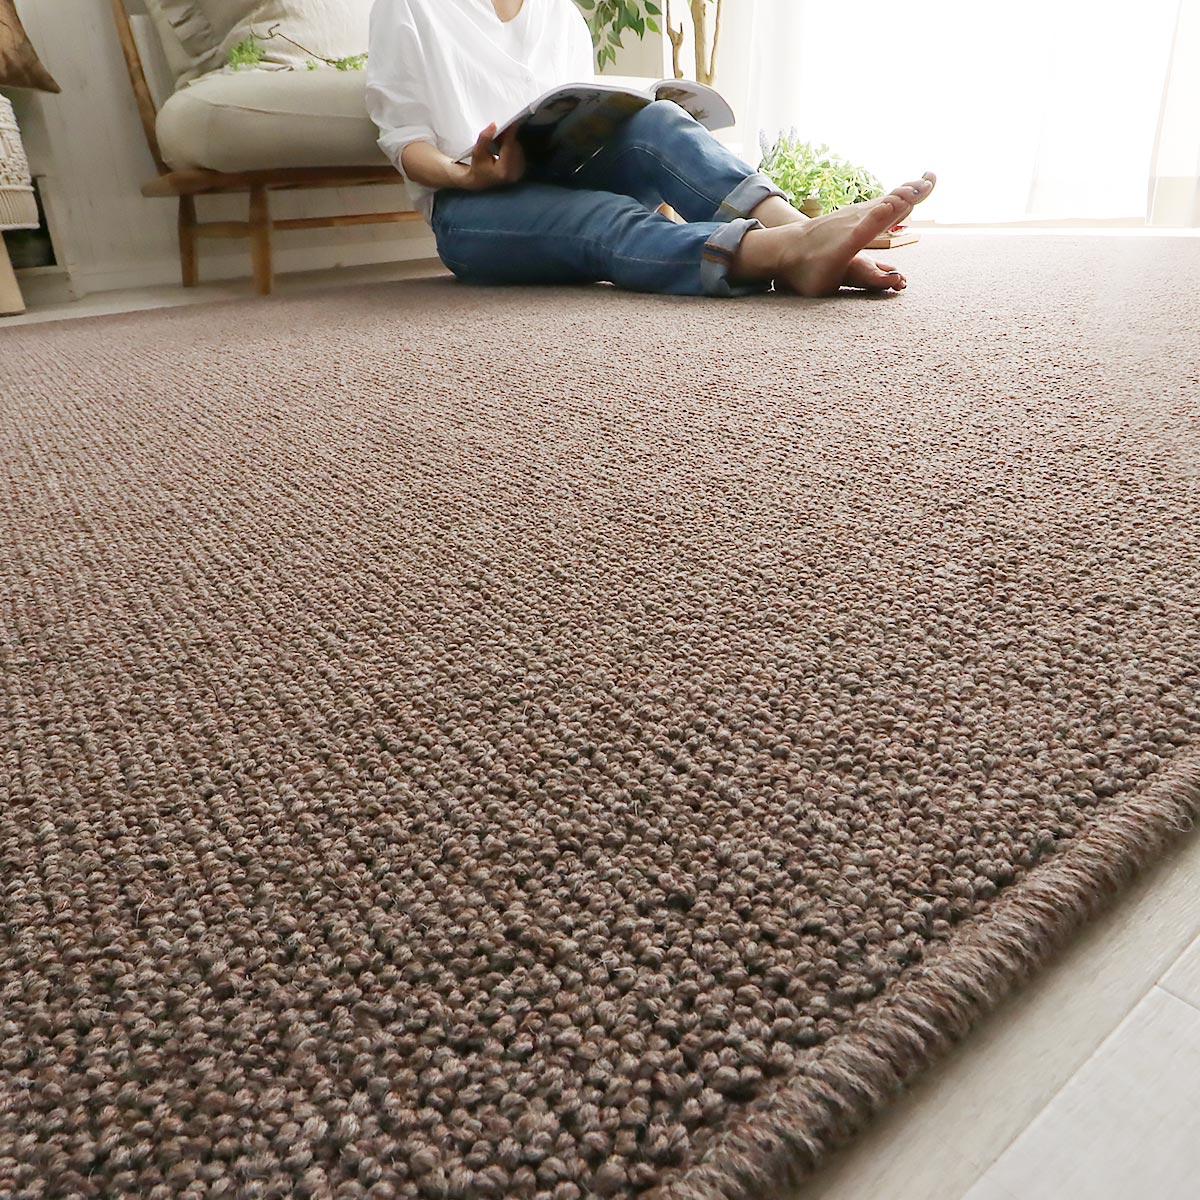 高級羊毛100%ナチュラルカーペット『ピュアウール2』